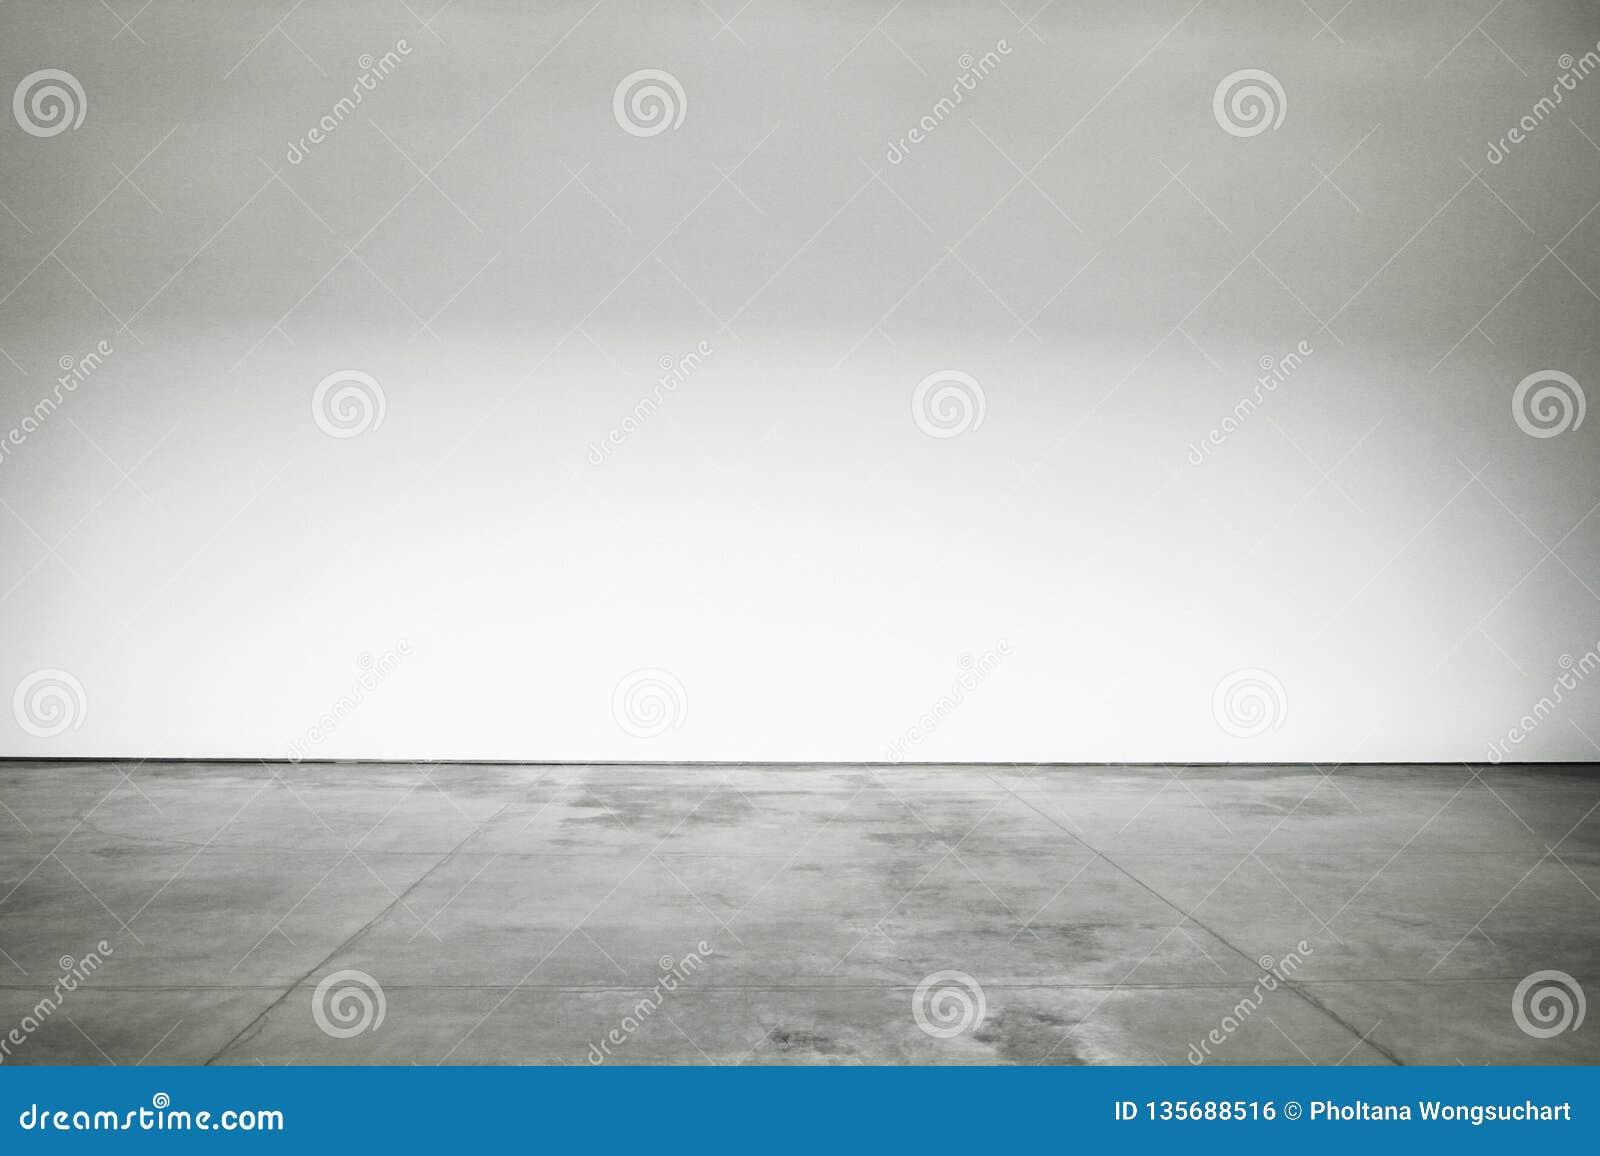 Är det polerade cementgolvet för stort öppet rum och väggarna målat vitt